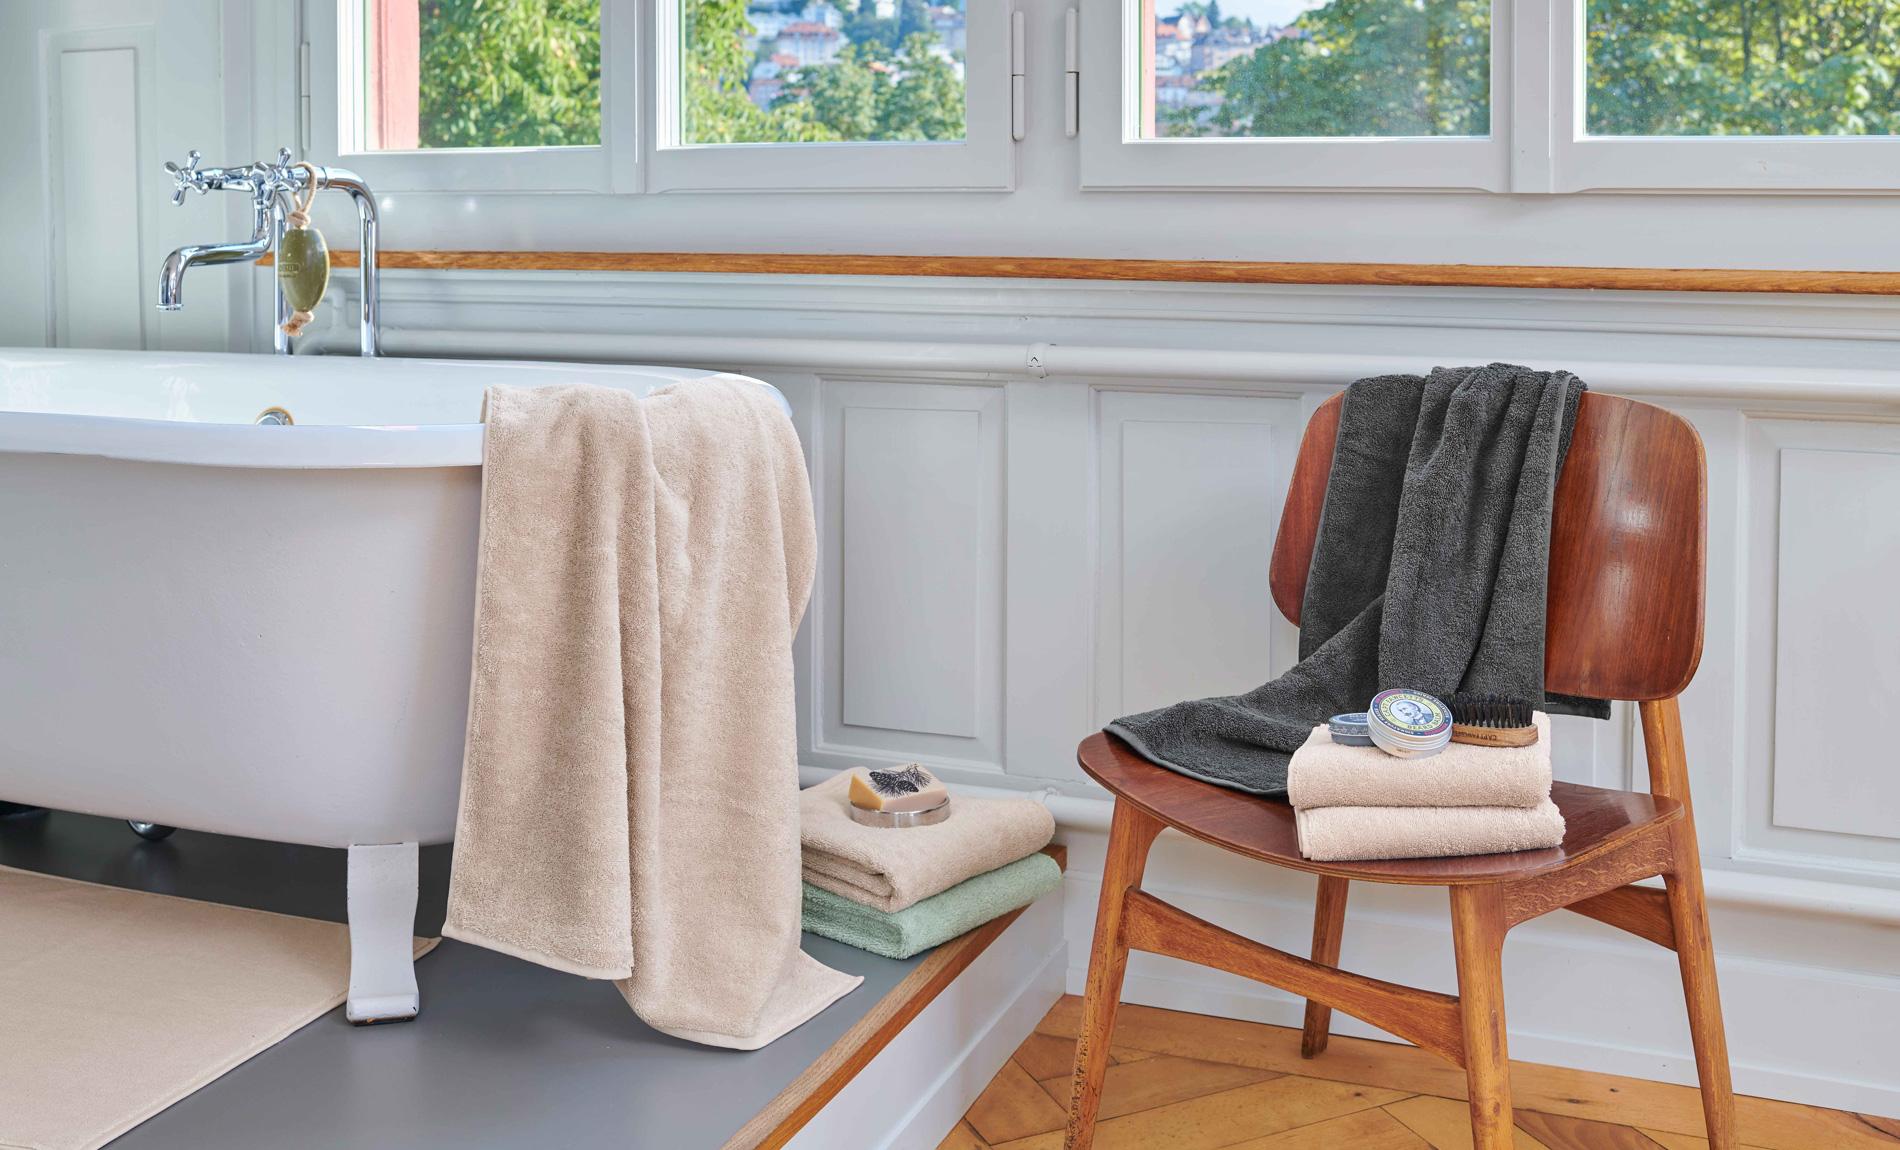 Entdecken Sie die neue Badkollektion von Christian Fischbacher